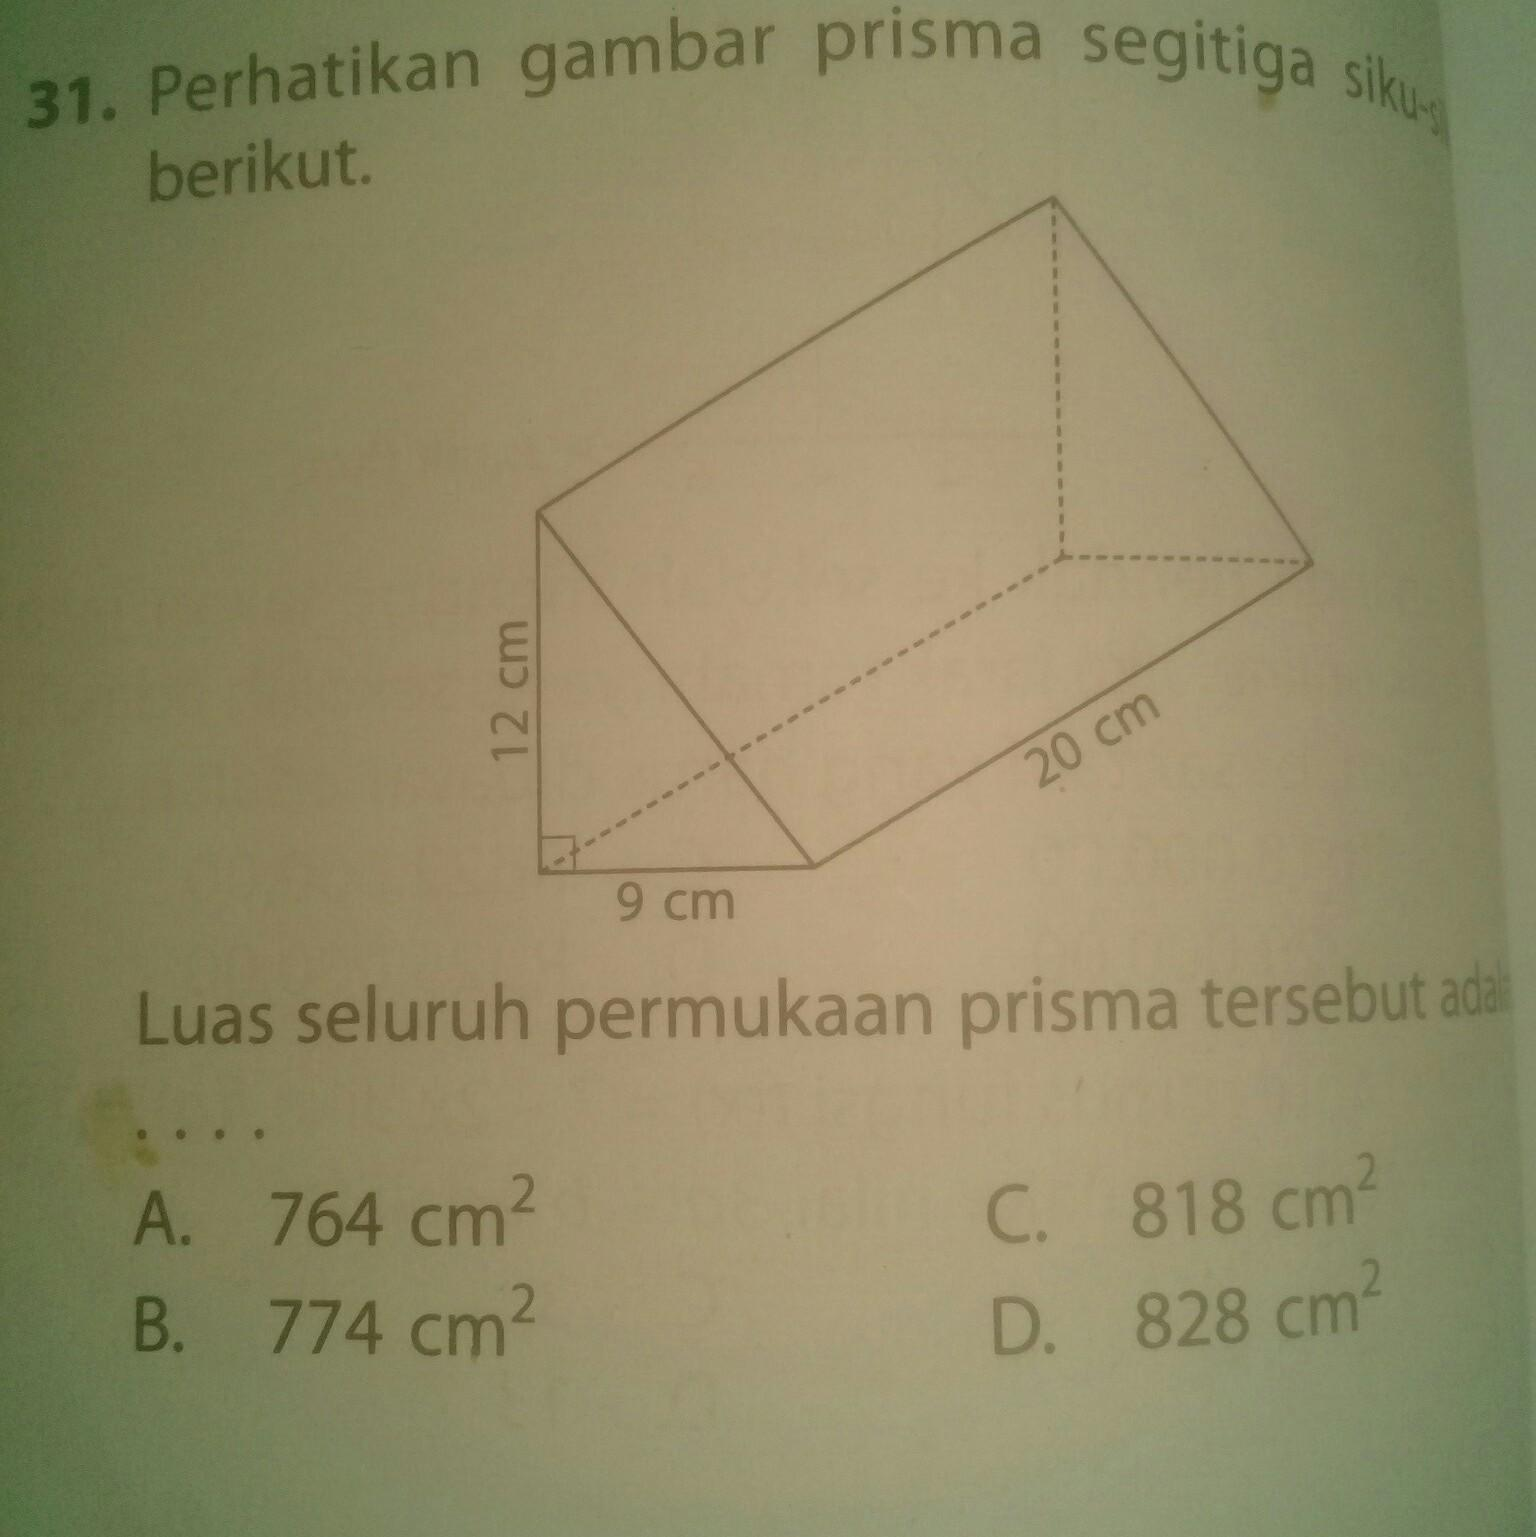 Perhatikan gambar prisma segitiga siku-siku berikut luas ...